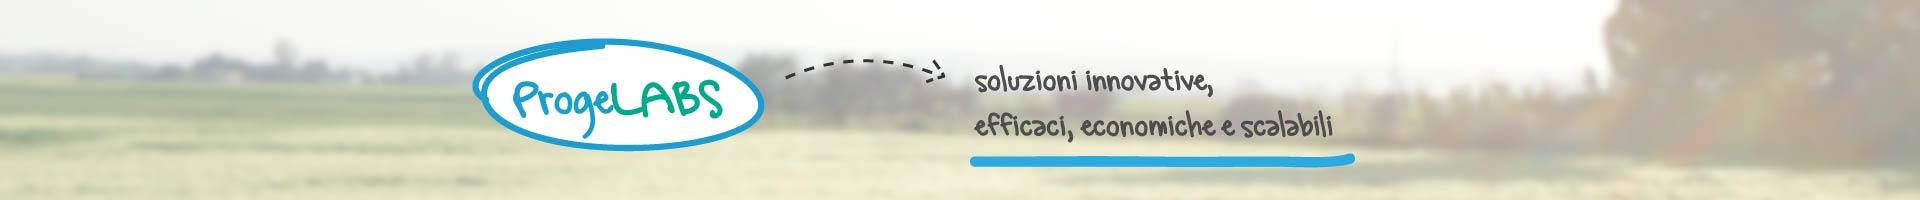 ricercainnovazione_45percento_slide2